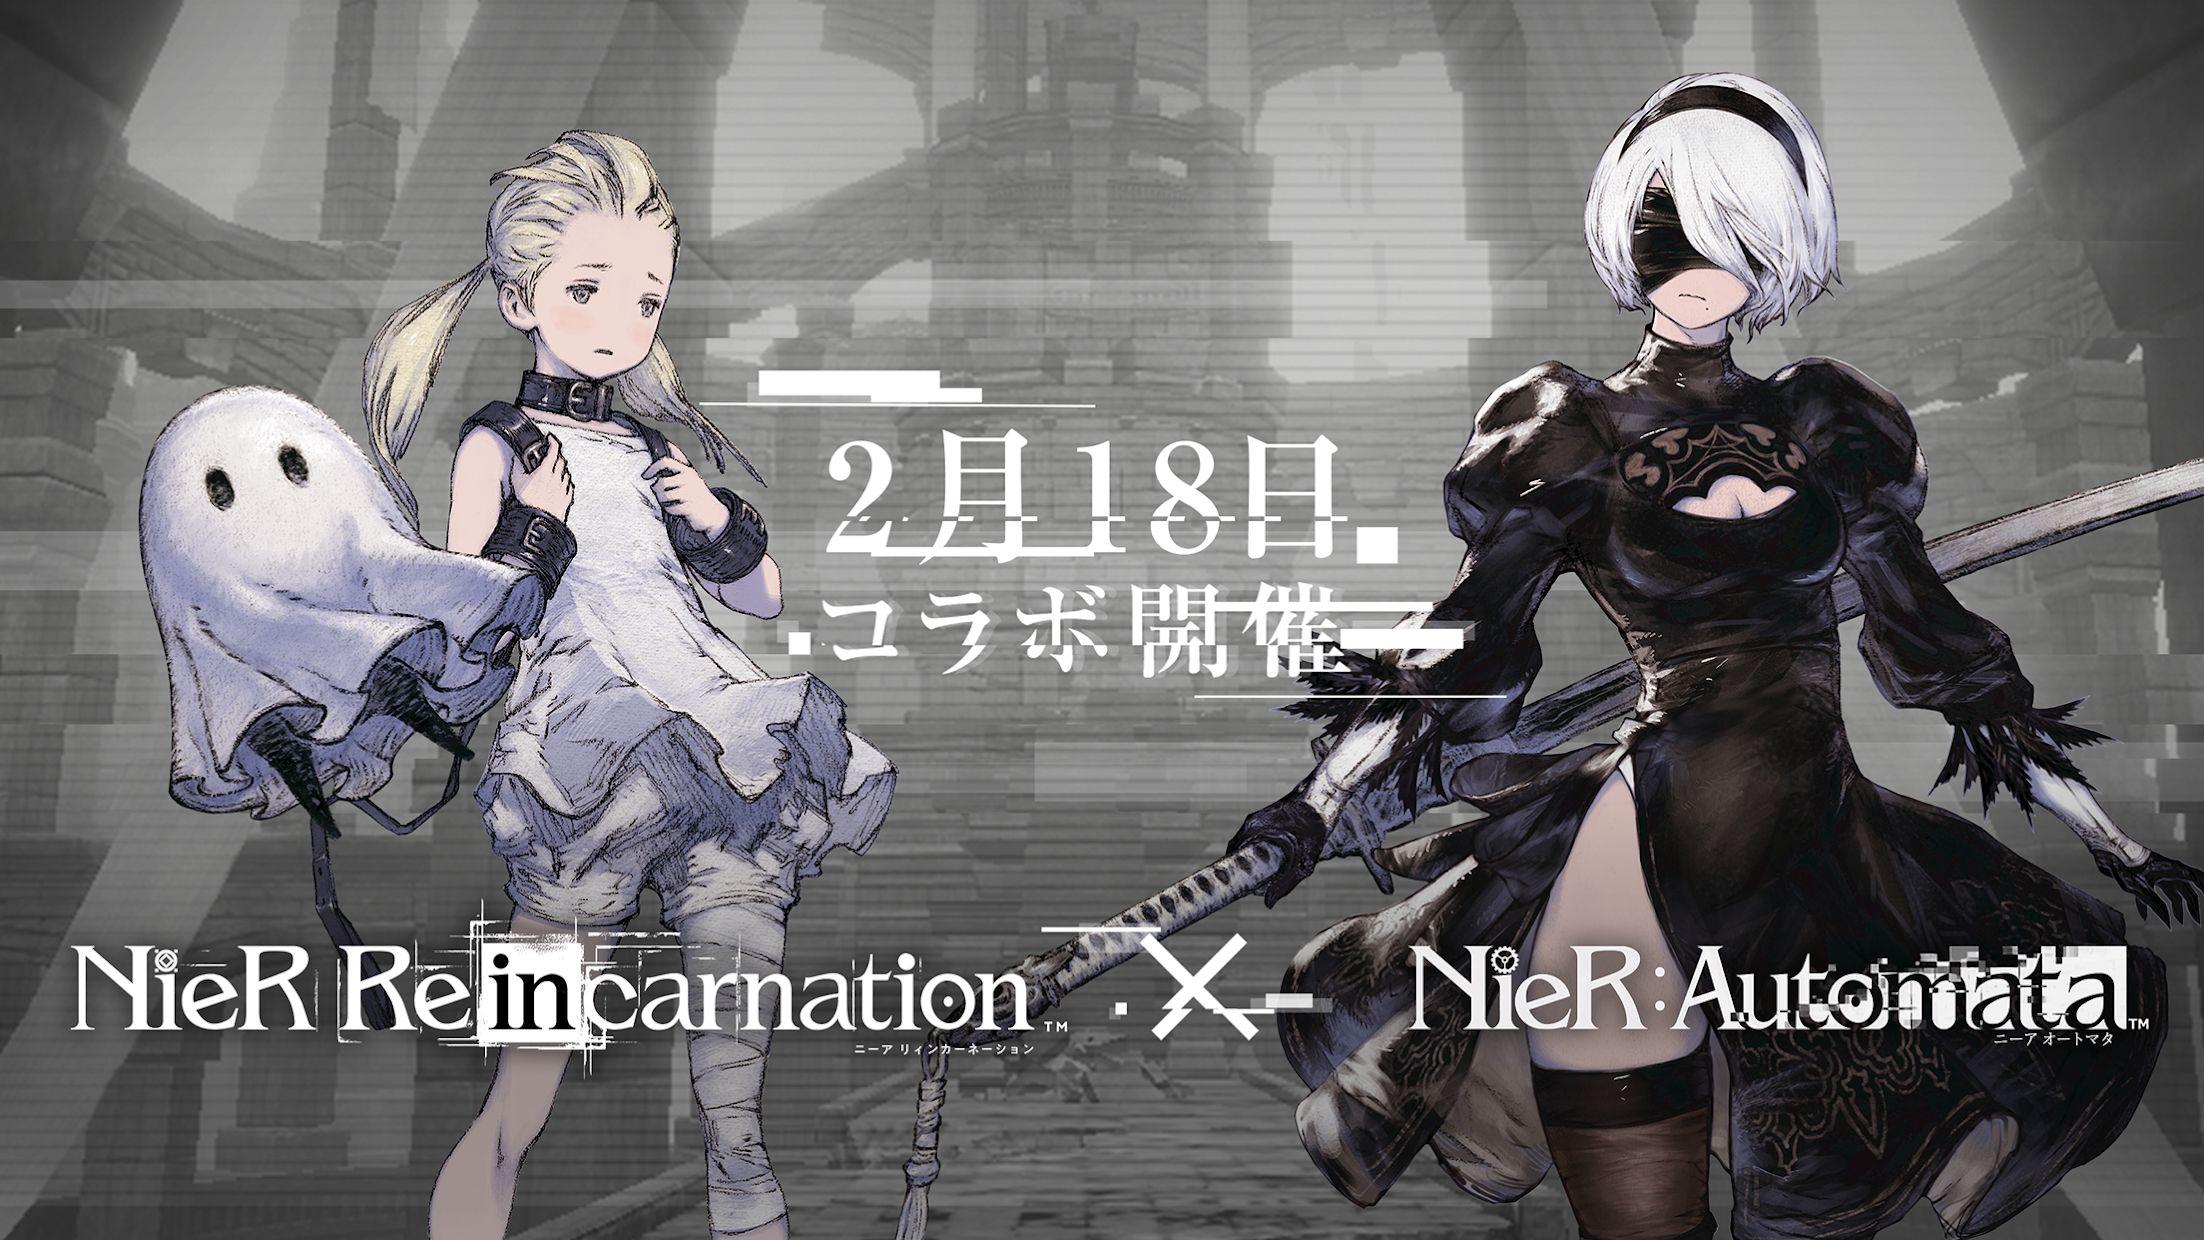 尼尔:Re[in]carnation 游戏截图1